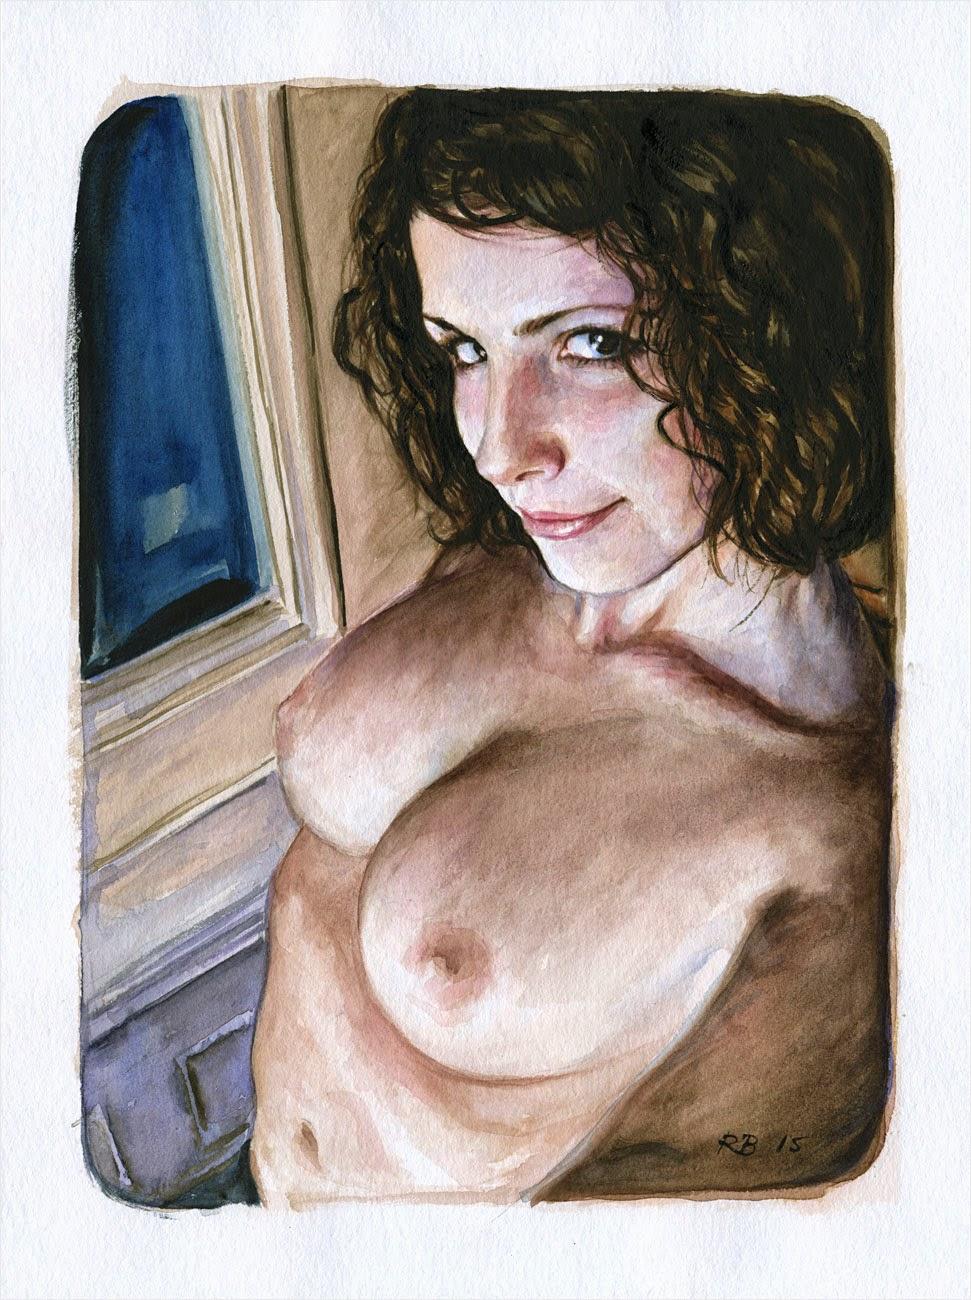 René Bui - Etude de nu à l'aquarelle 150129 - 2015